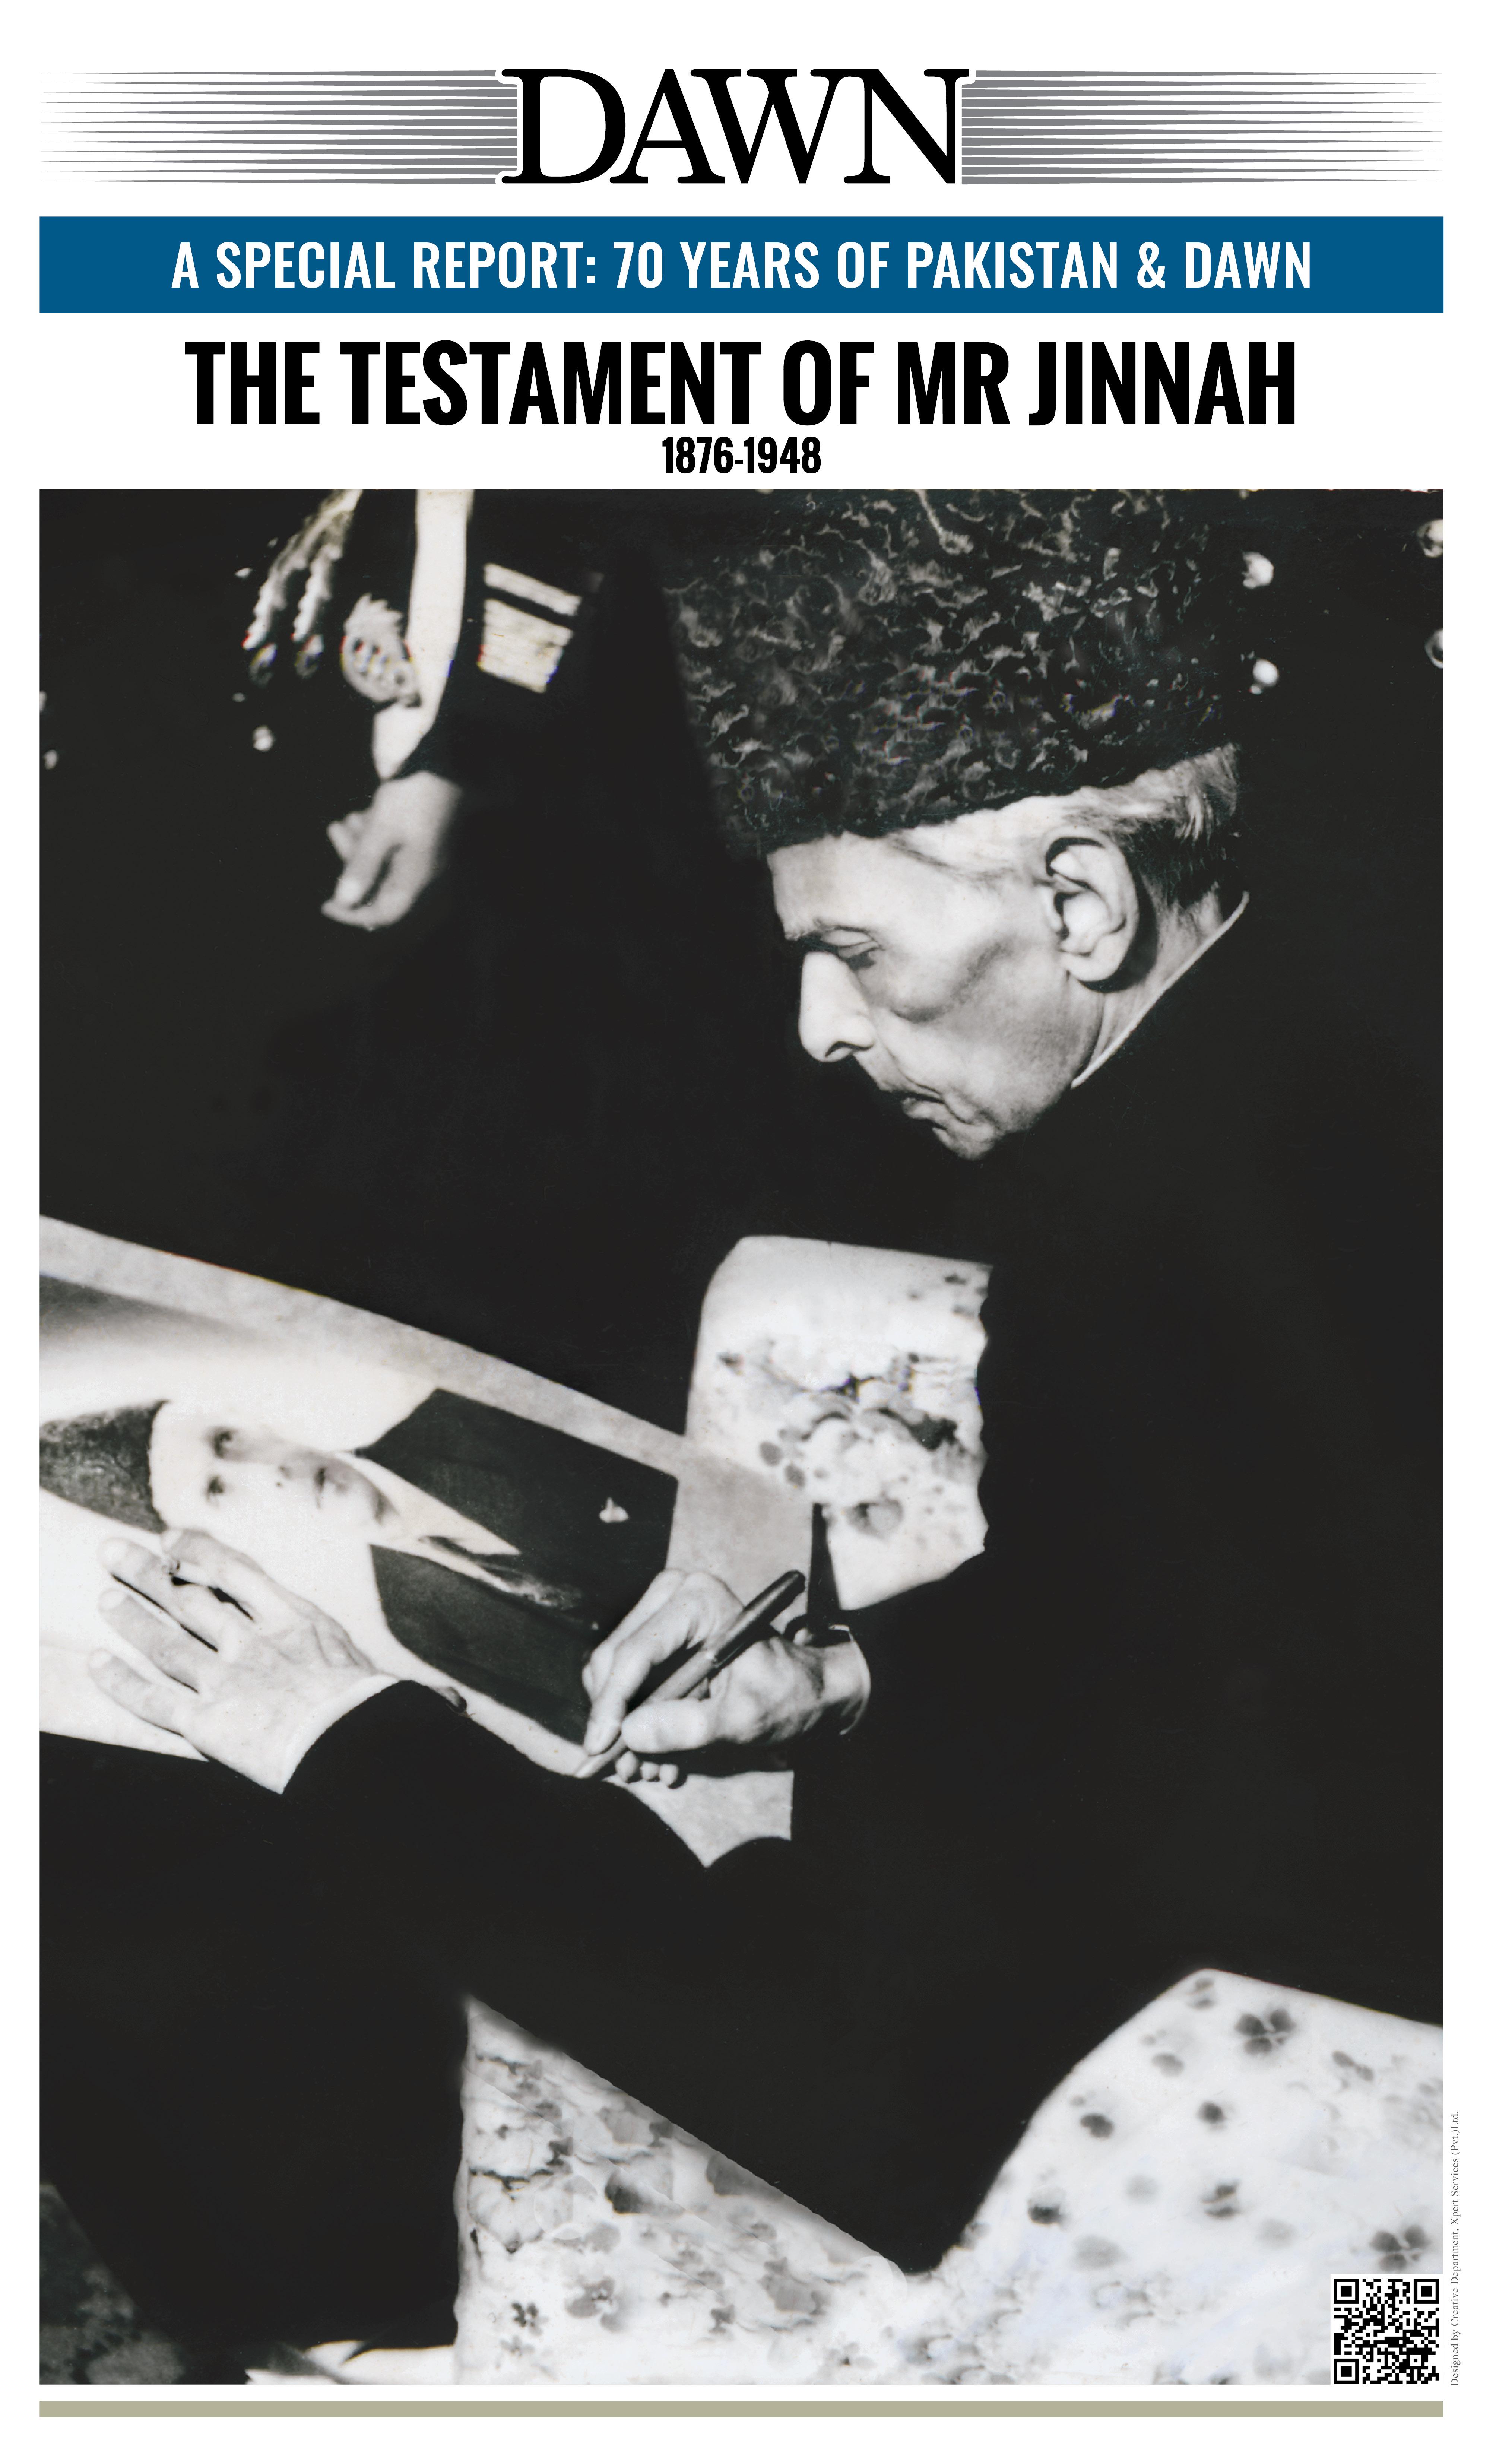 70 YEARS OF PAKISTAN & DAWN